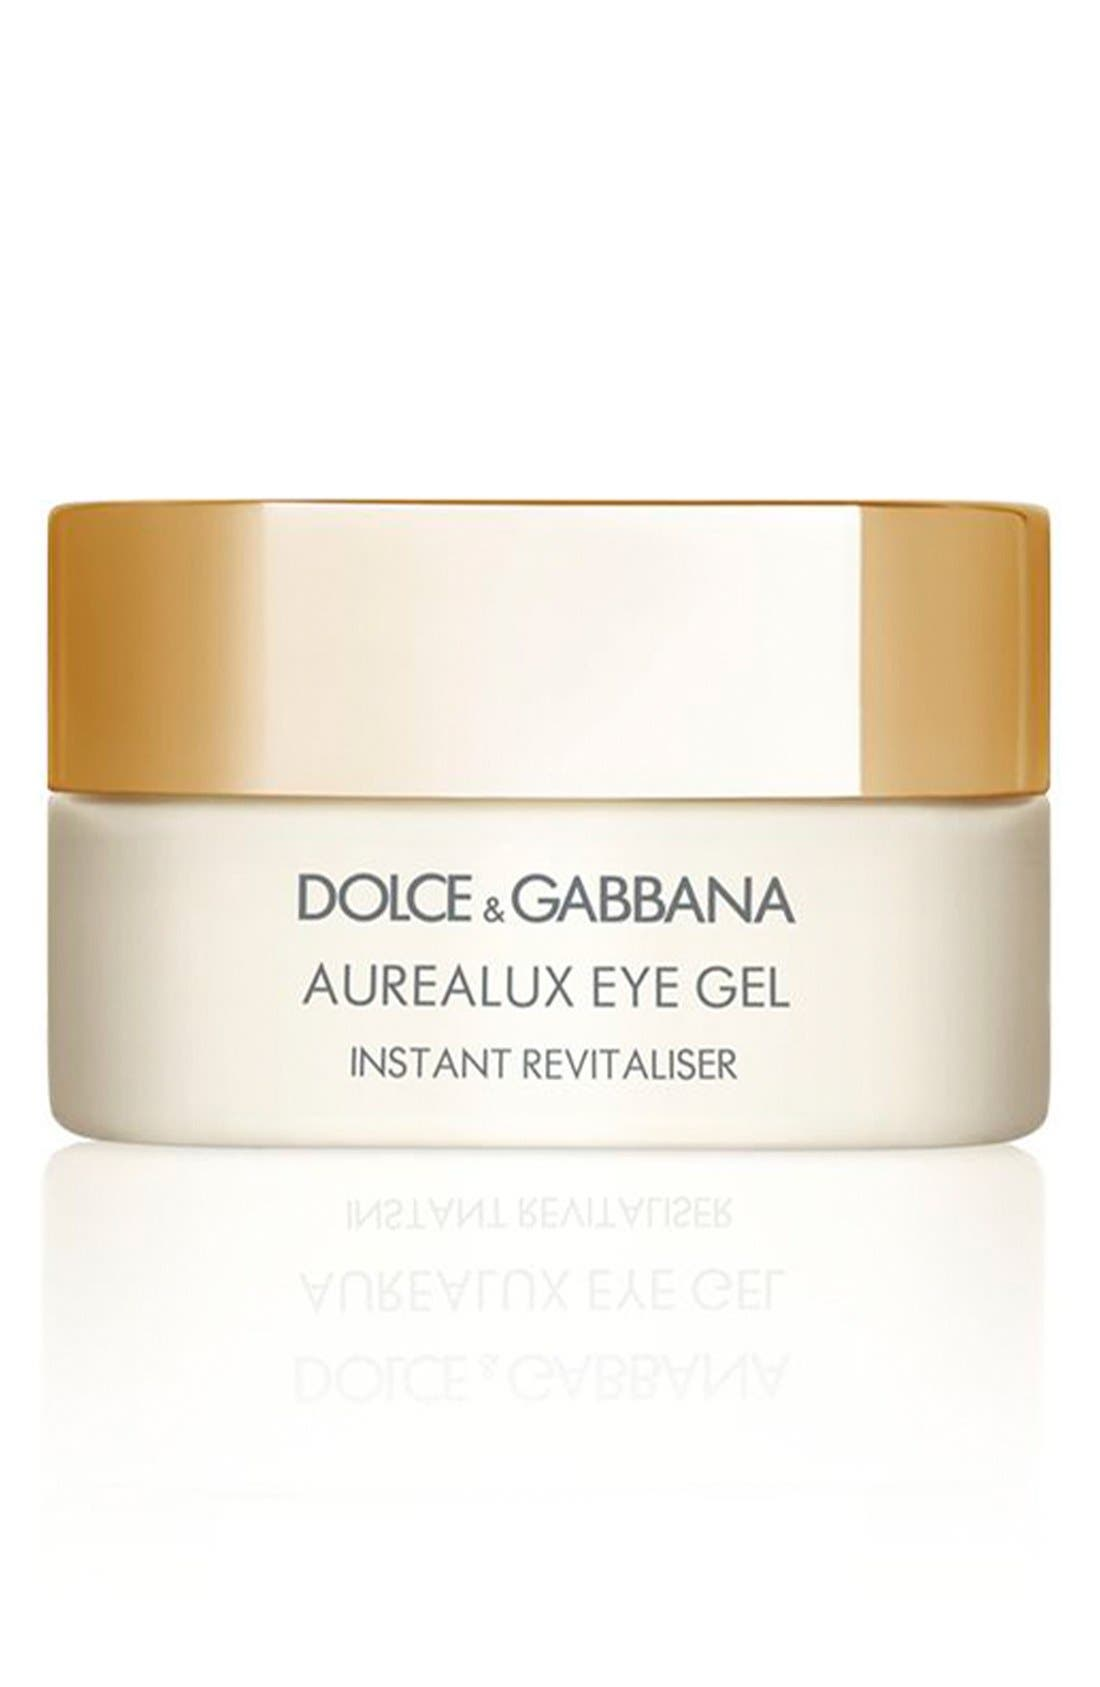 'Aurealux' Eye Gel Instant Revitaliser,                             Alternate thumbnail 3, color,                             000